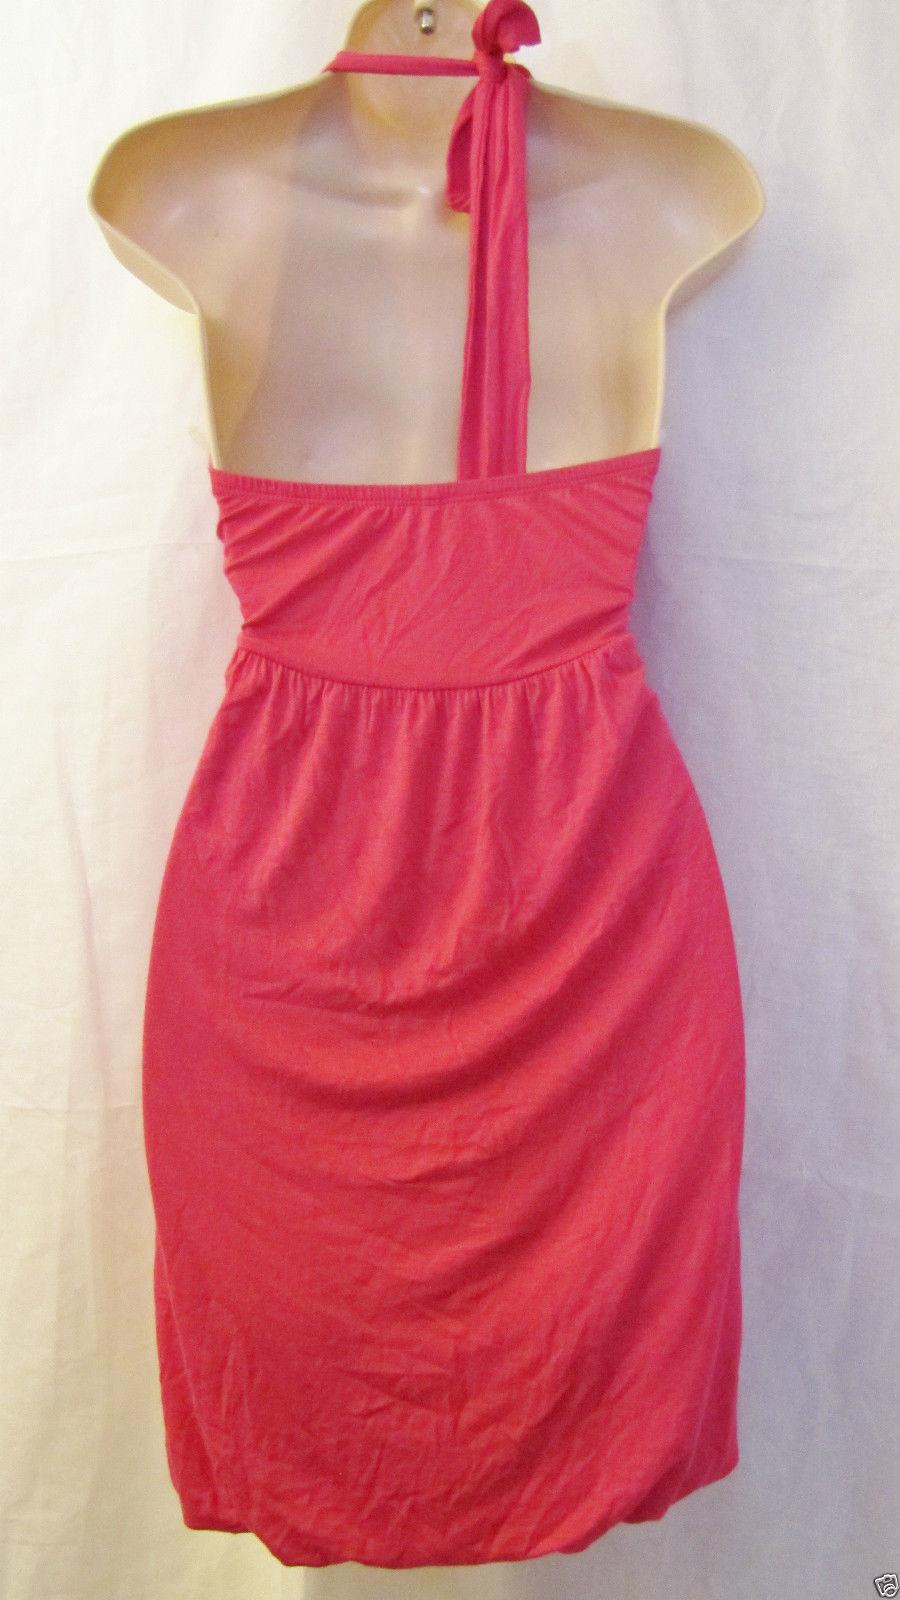 New Julie's Closet Knit Halter Beach Dress Swim Cover Up Sz M Medium Hot Pink